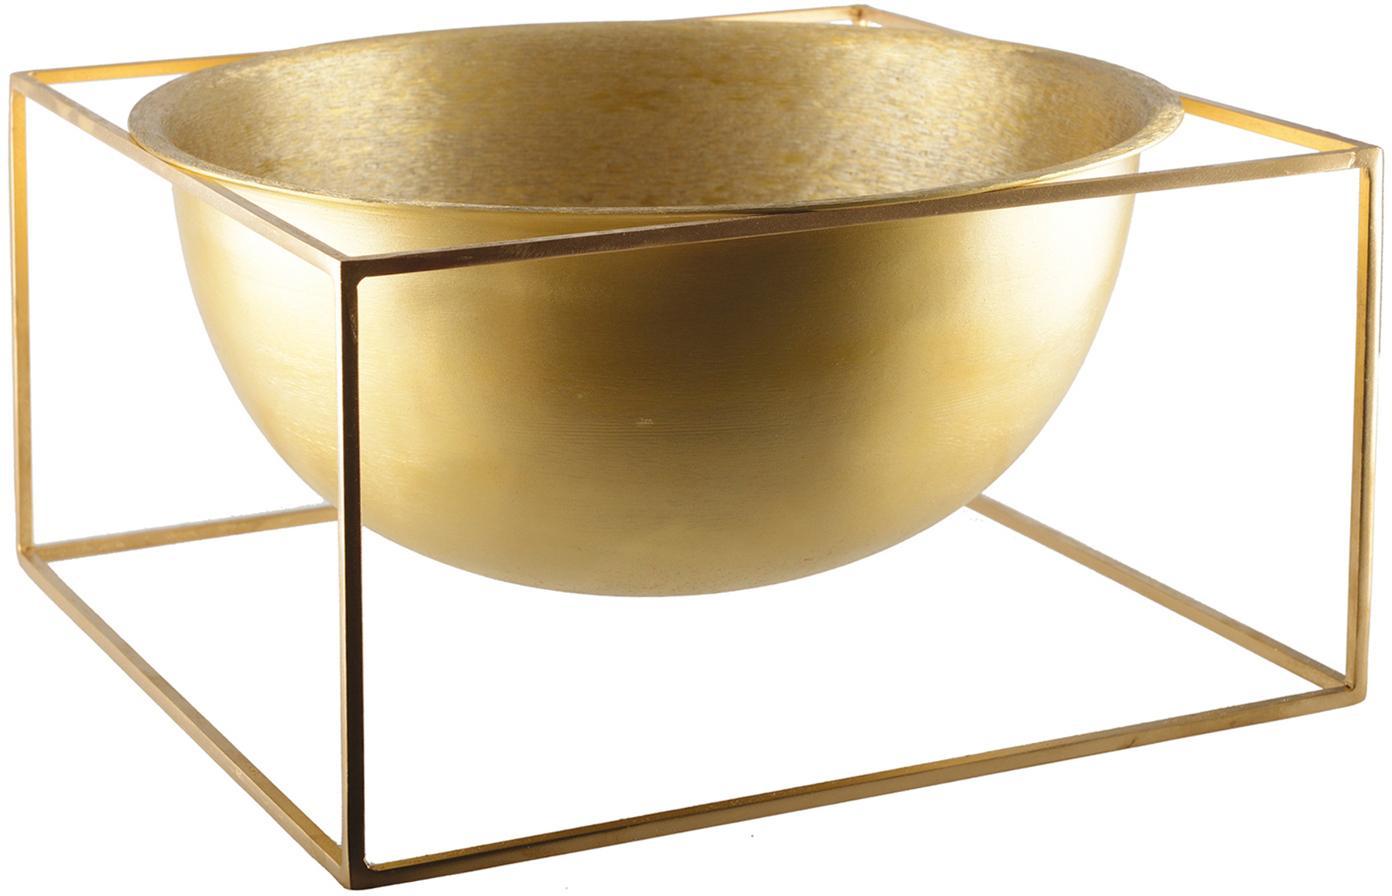 Miska dekoracyjna Shadon, Aluminium powlekane, Odcienie złotego, S 32 x W 17 cm